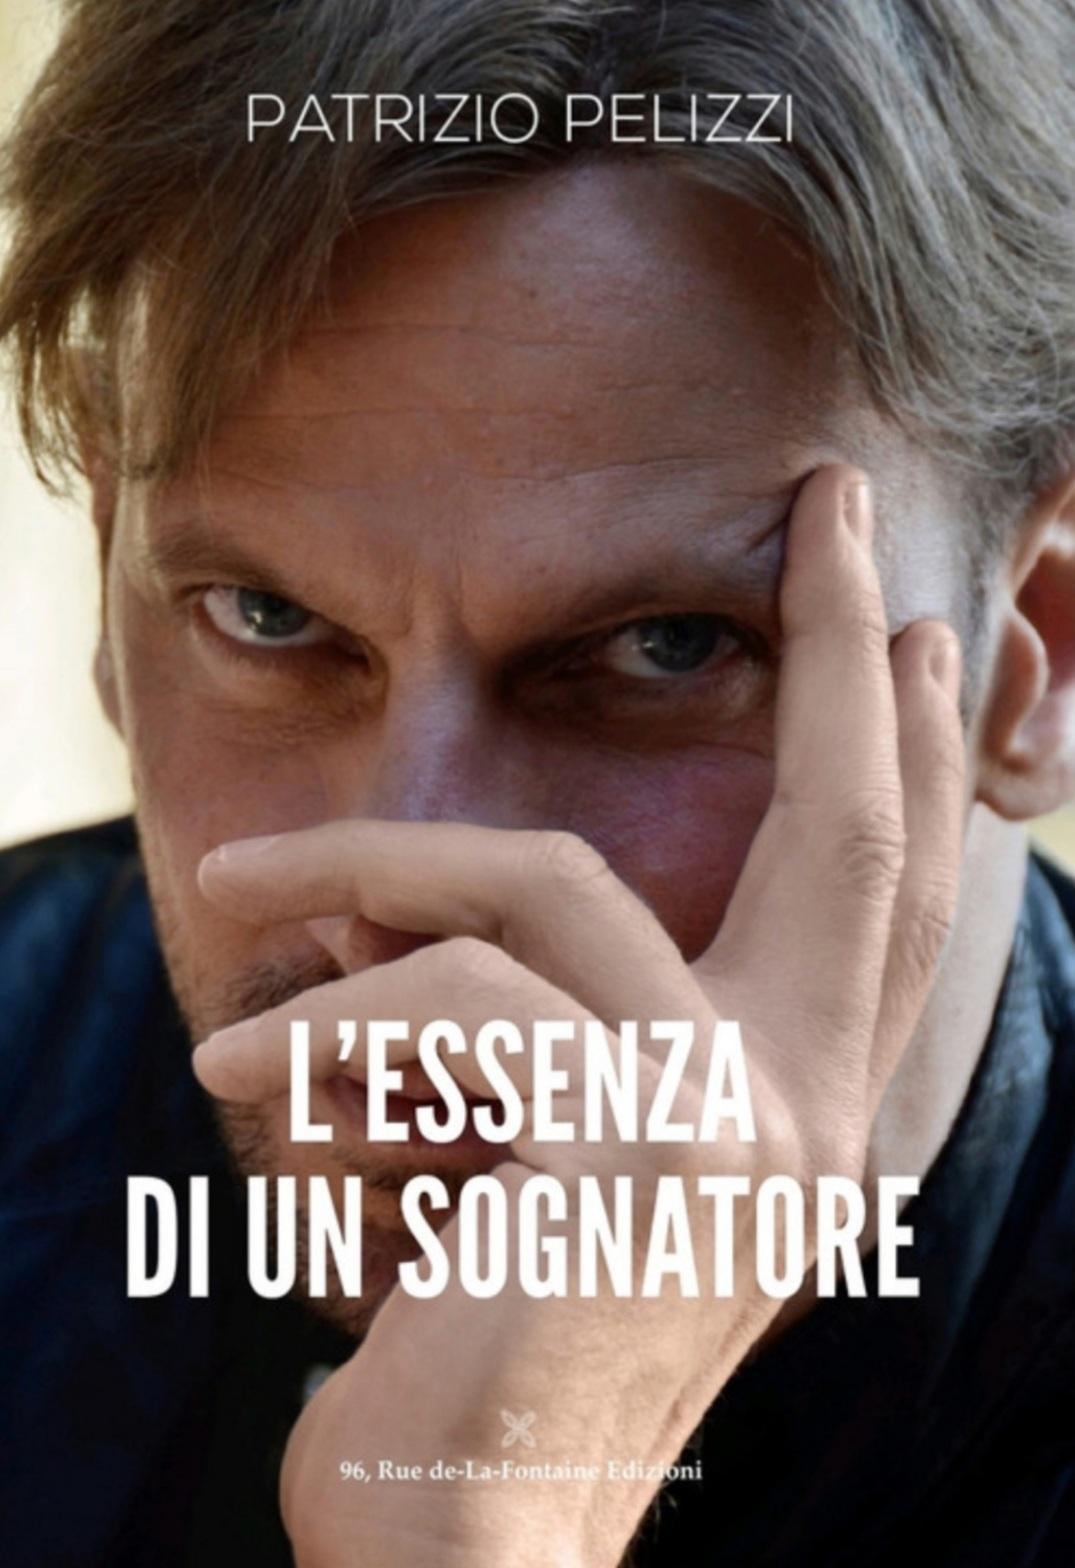 """Patrizio Pelizzi un uomo che ama con passione e sogna in grande nonostante tutto. Ecco """"L'essenza di un sognatore"""""""